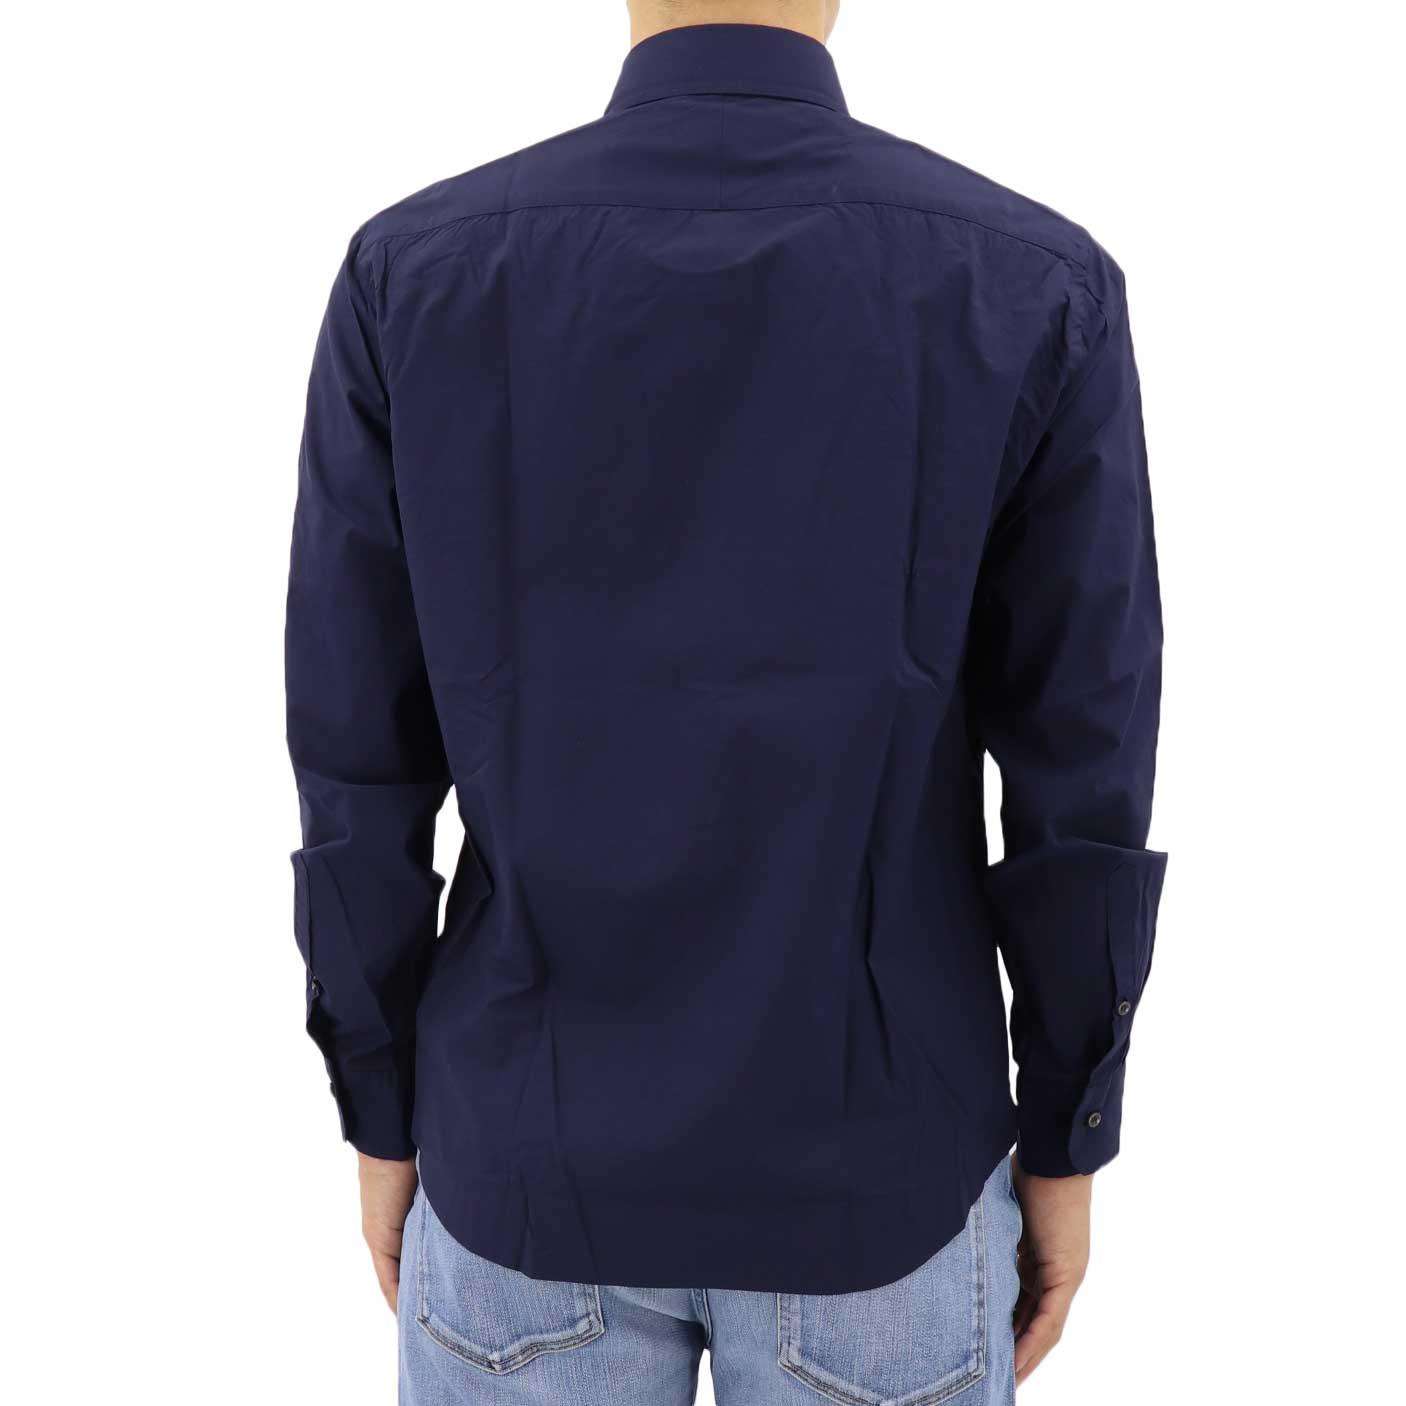 高密度タイプライター ボタンダウンシャツ NAVY (ネイビー)